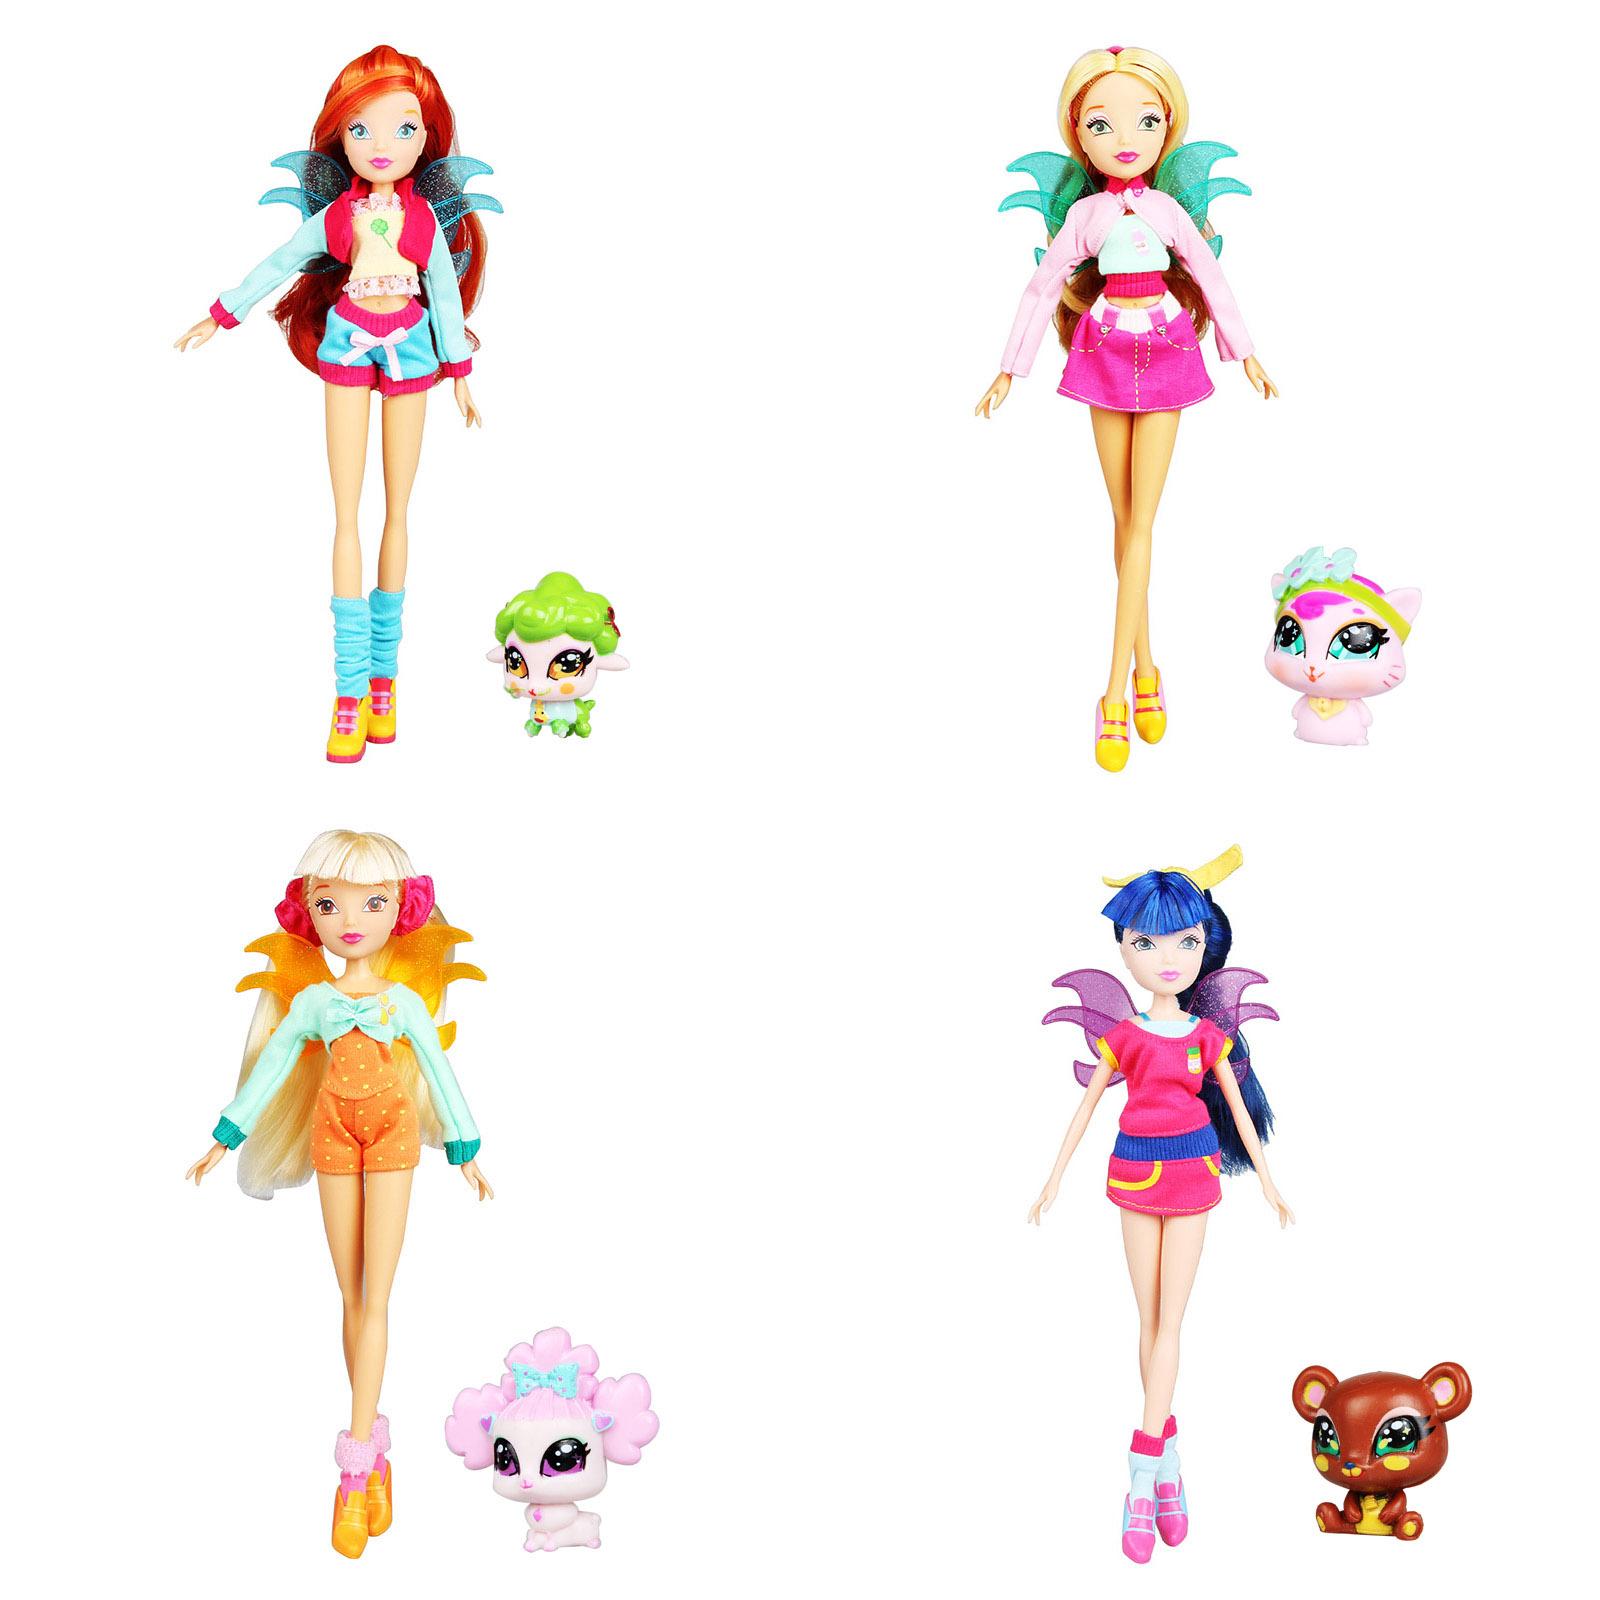 奥迪双钻winx club魔法俏佳人 仙宠物人偶娃娃女孩礼物蕾儿芙罗拉